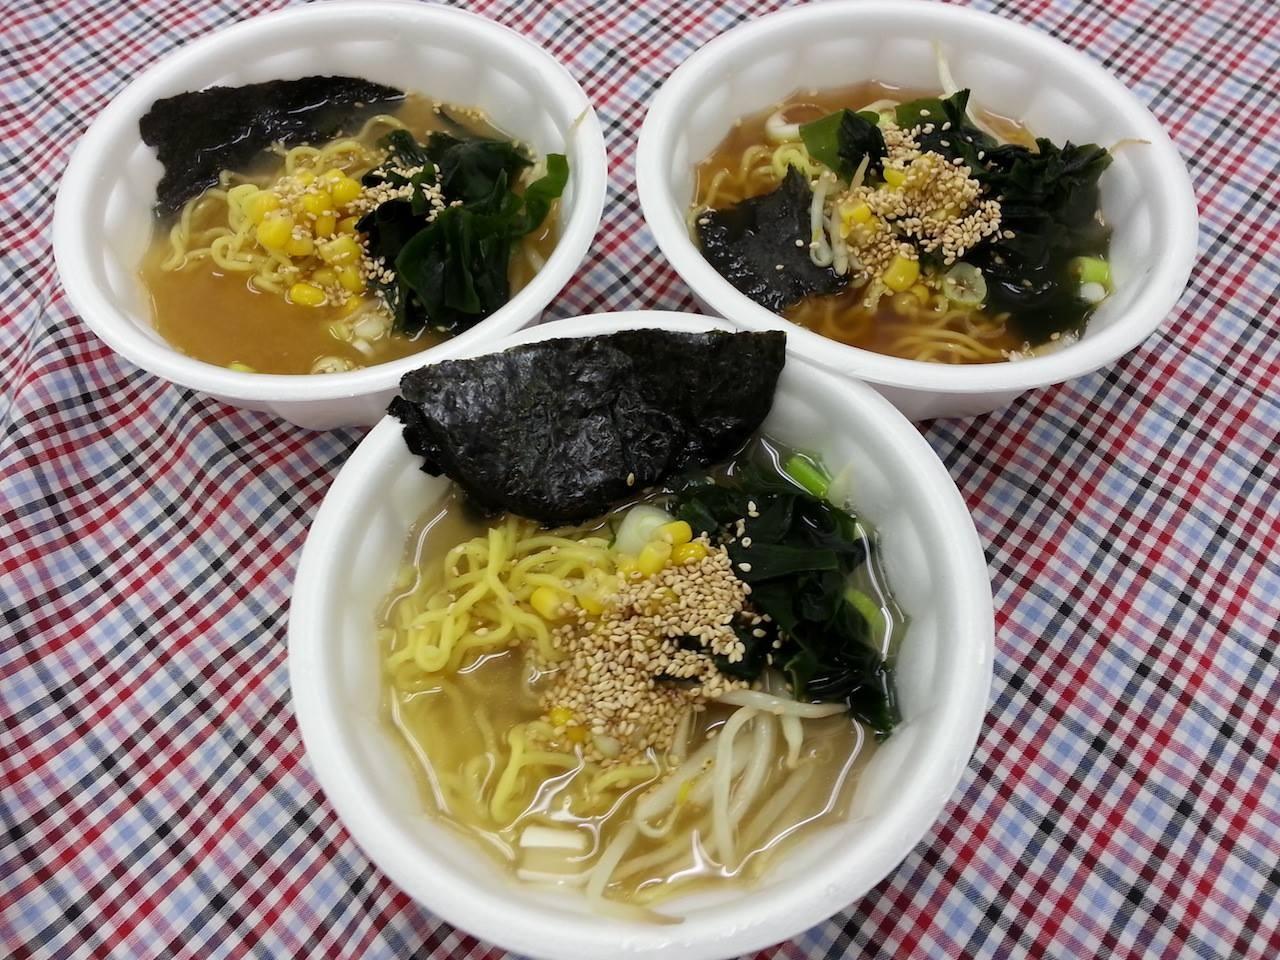 今日は、よよこ~祭(文化祭)なので、生徒さんが作ったラーメン三種(塩、味噌、醤油)なのだ。小サイズ、一杯150円でつ。 【2014年11月1日】